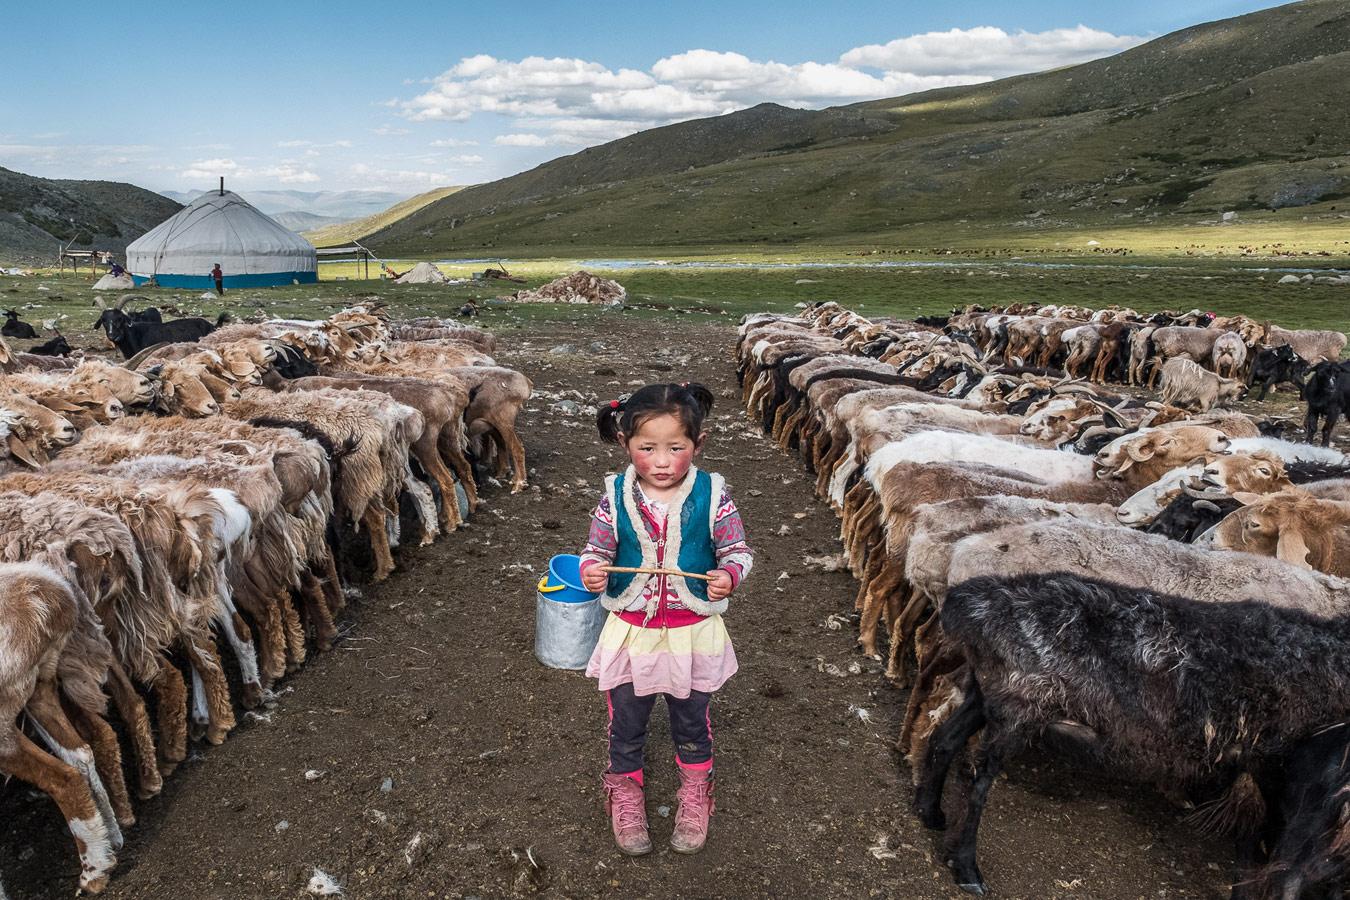 Среди овец, © Франц Леклерк, Чикаго, США, Финалист категории «Портреты в путешествии», любитель, Фотоконкурс экстремальных путешествий «Мир в фокусе» — World In Focus